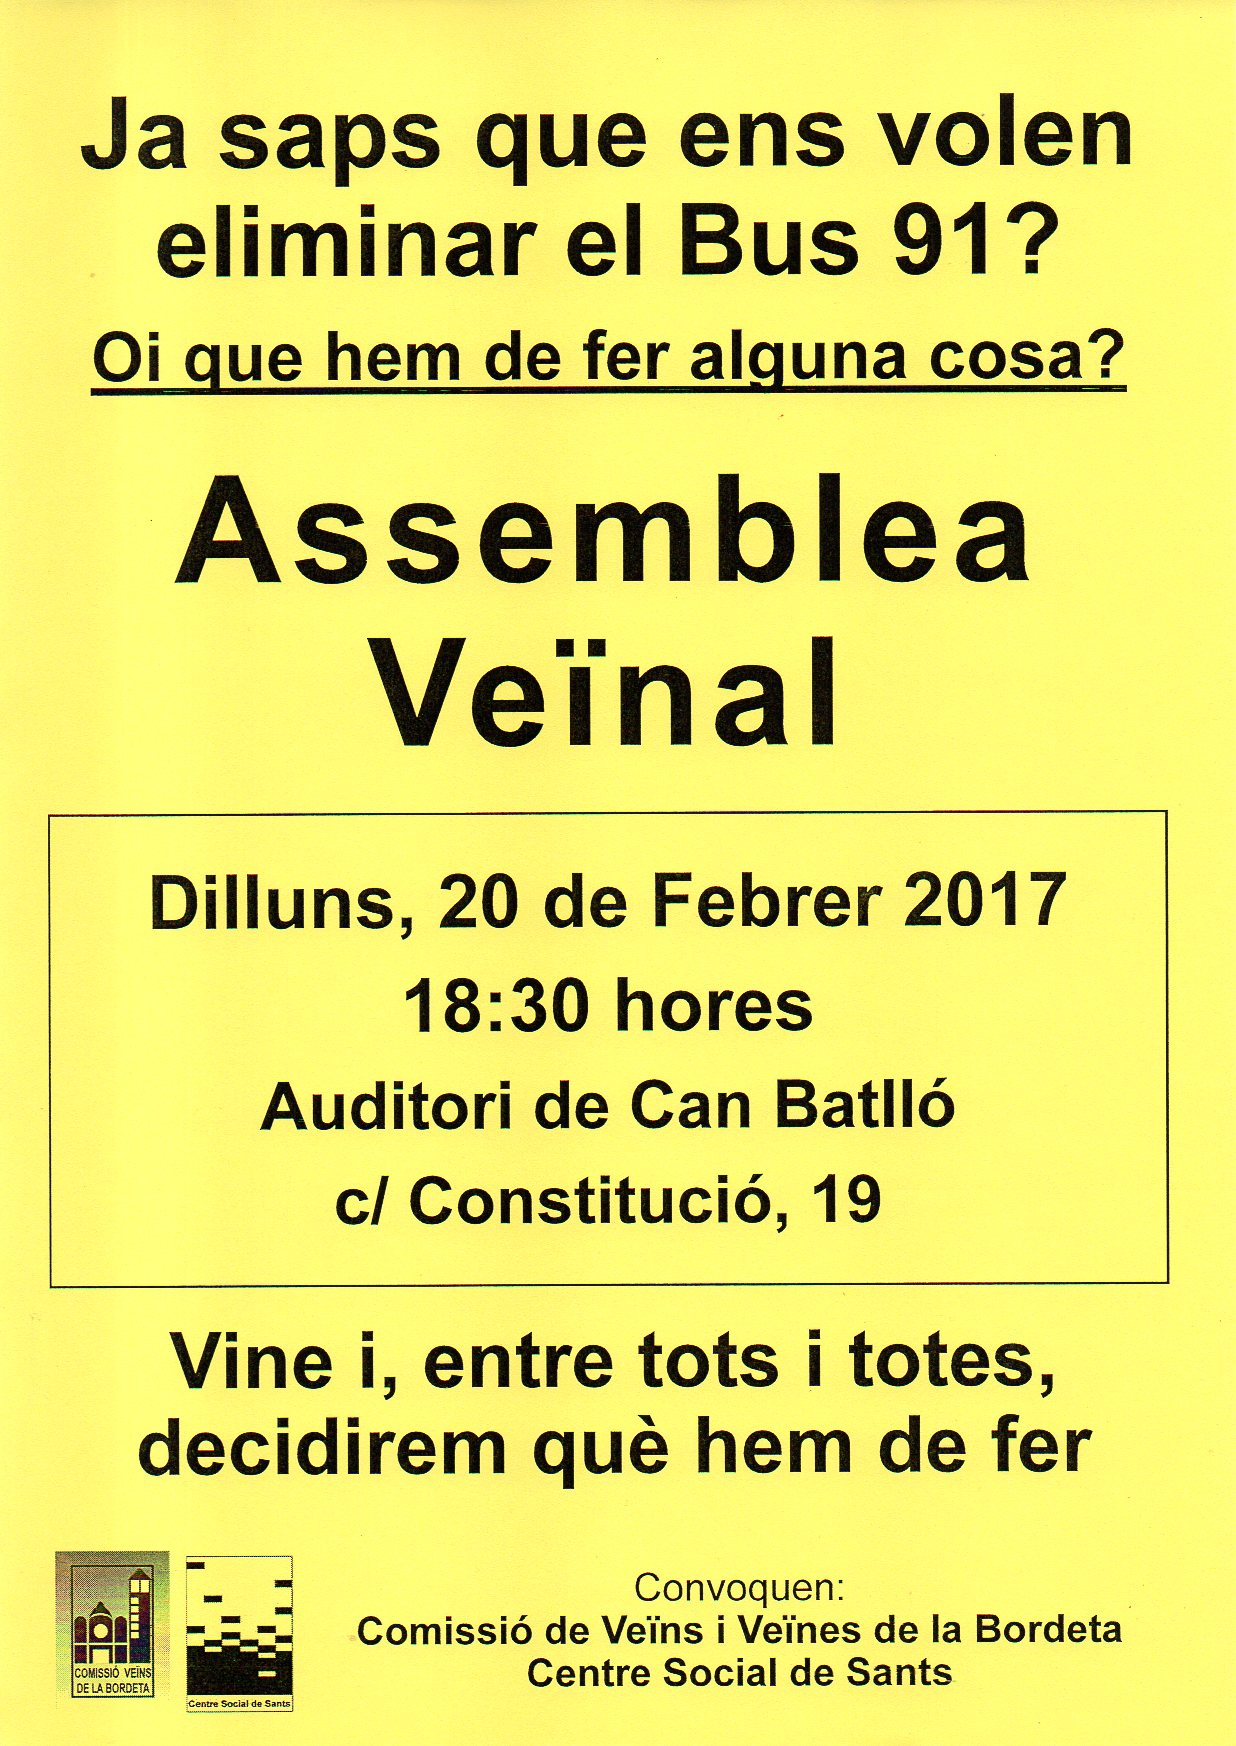 comissio-veins-bordeta-20170220-assemblea-veiumlnal-bus-91-salvem-el-bus-91--vine-a-lassemblea-del-20-de-febrer